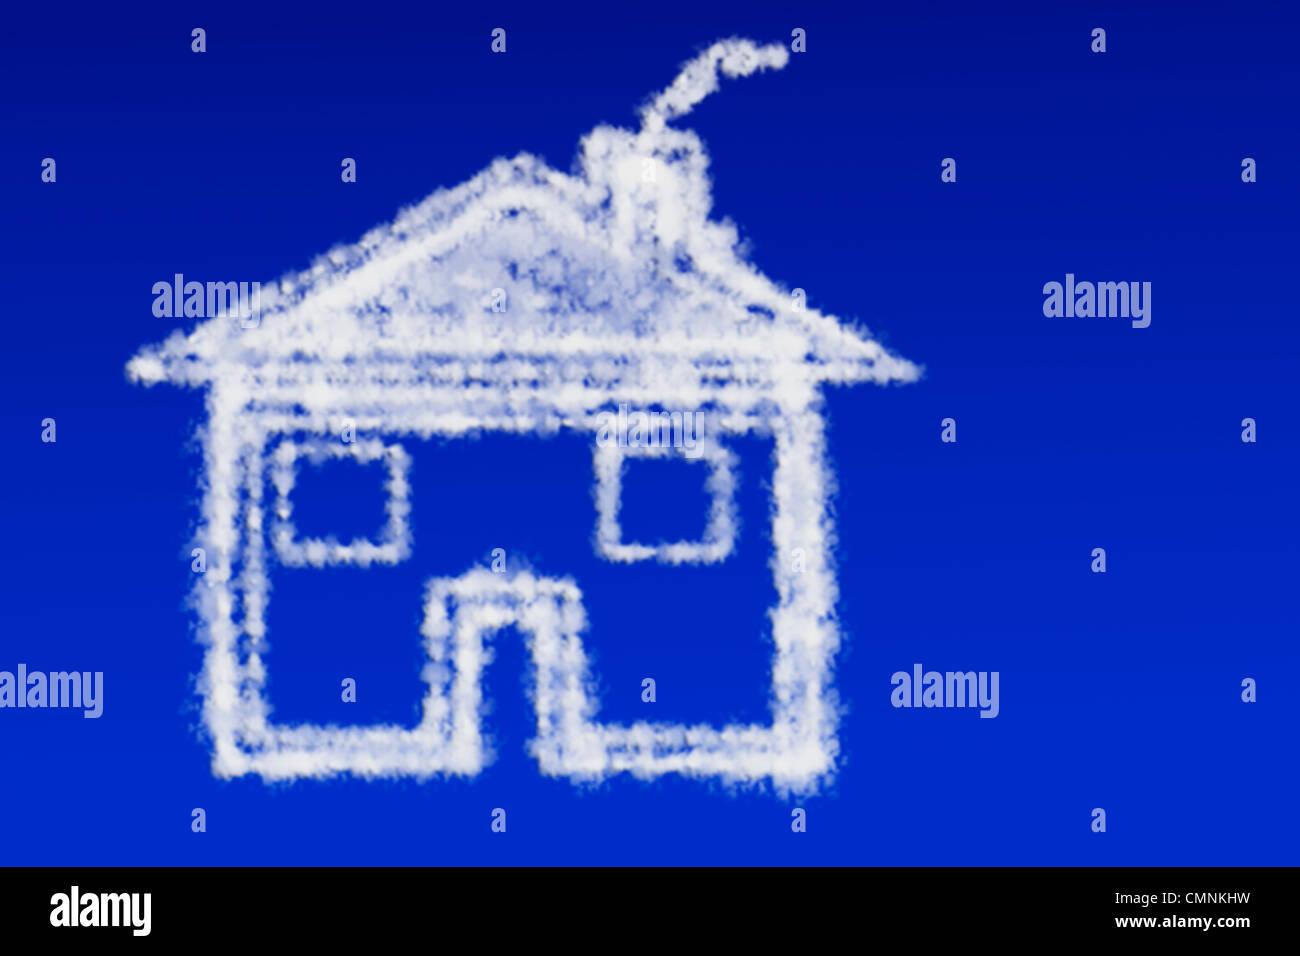 Wolken in Form Eines Stadtstraßennetz Schweben bin Blauen Himmel | Wolken in der Form eines Hauses in den blauen Stockbild